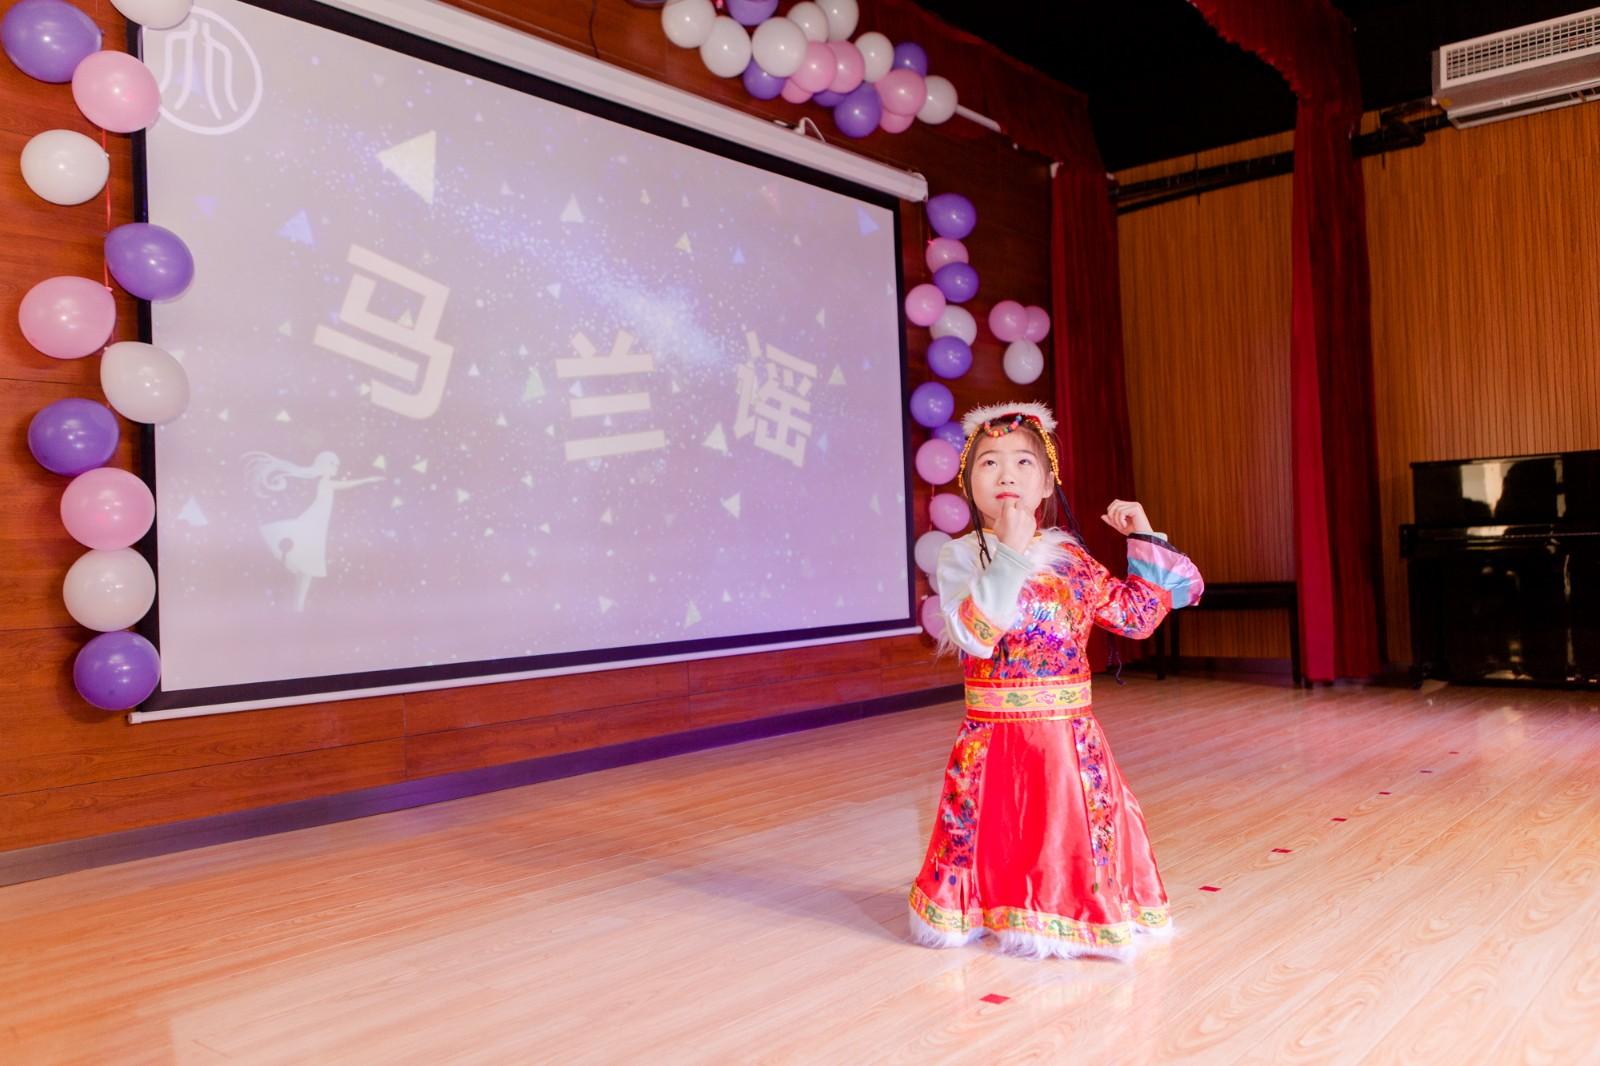 老师,孩子学舞蹈后文化成绩会不会下降?